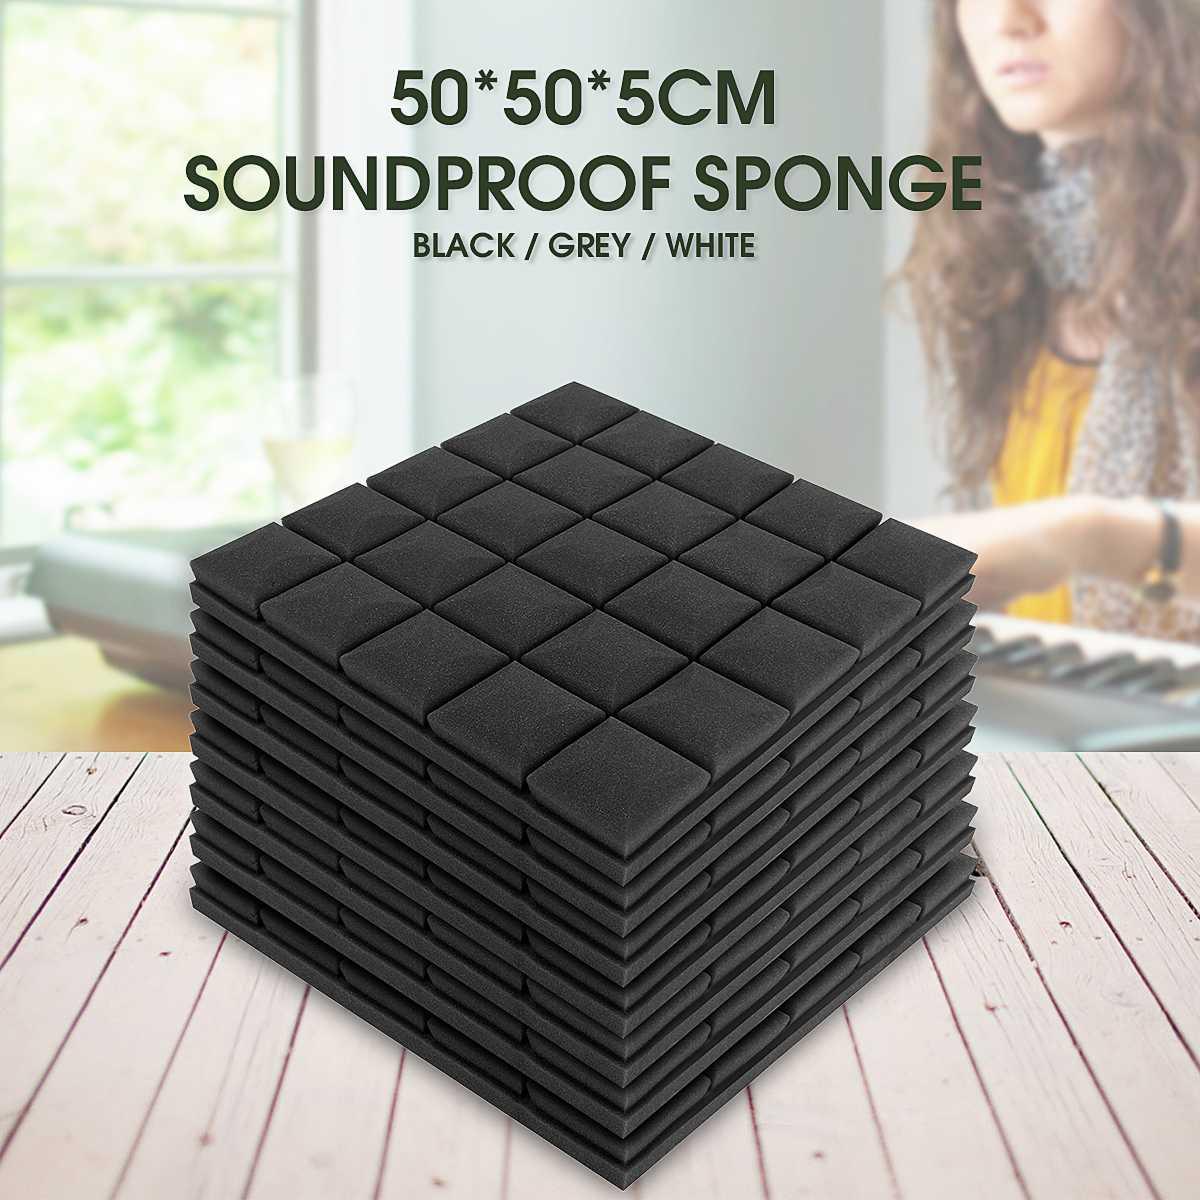 5 Pcs 500x500x50mm Soundproof Foam Acoustic Sound Stop Absorption Sponge Drum Room Accessories Wedge Tiles Polyurethane Foam